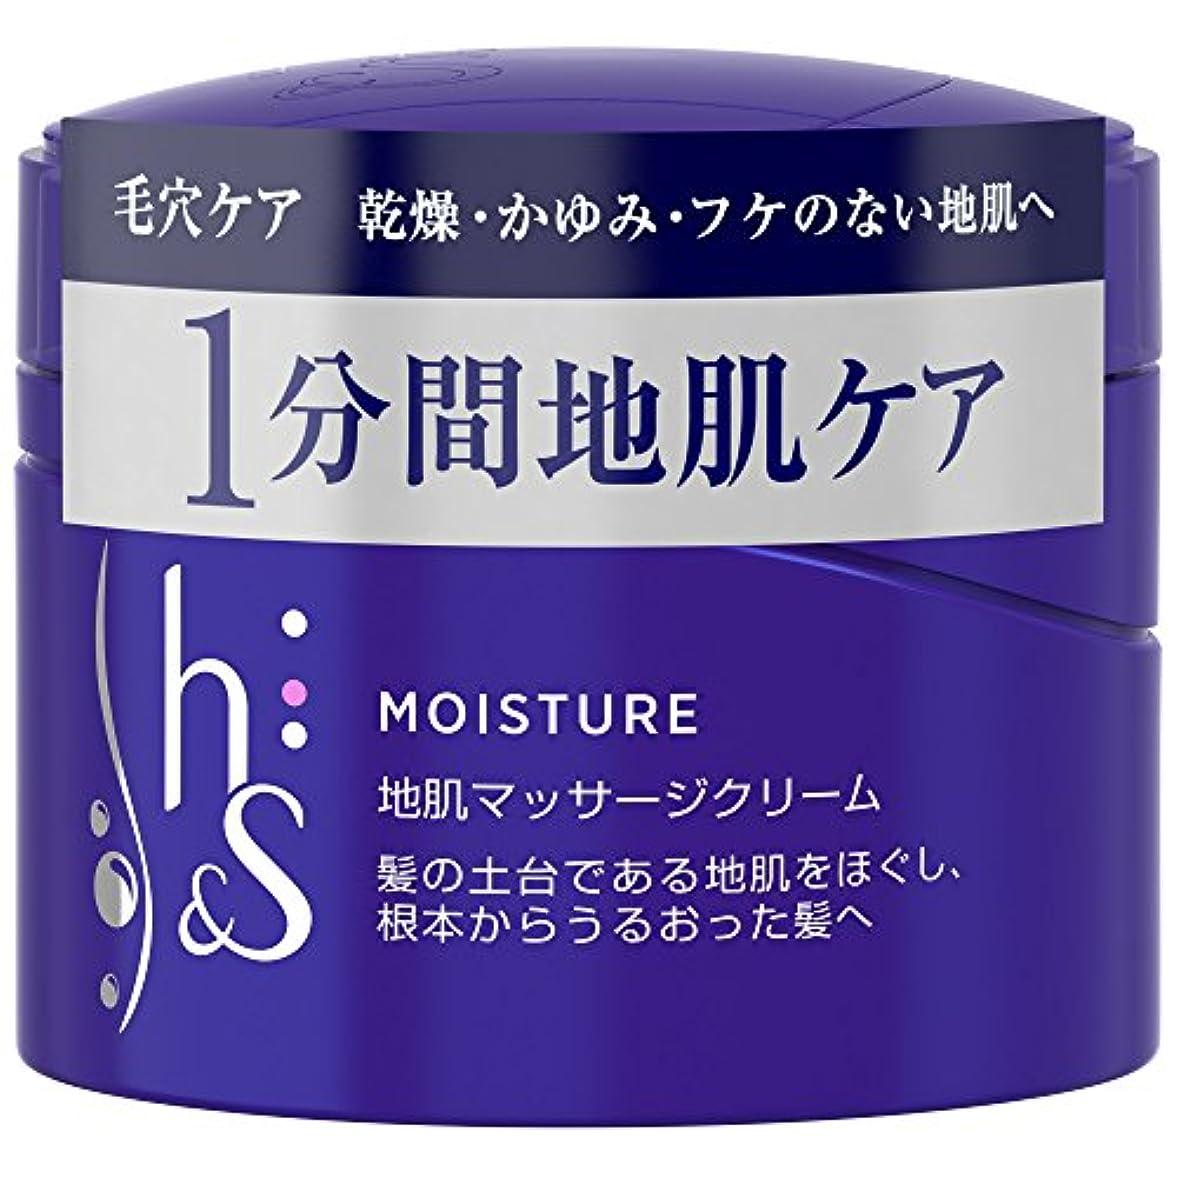 専ら文手順h&s トリートメント モイスチャー 地肌マッサージクリーム 200g